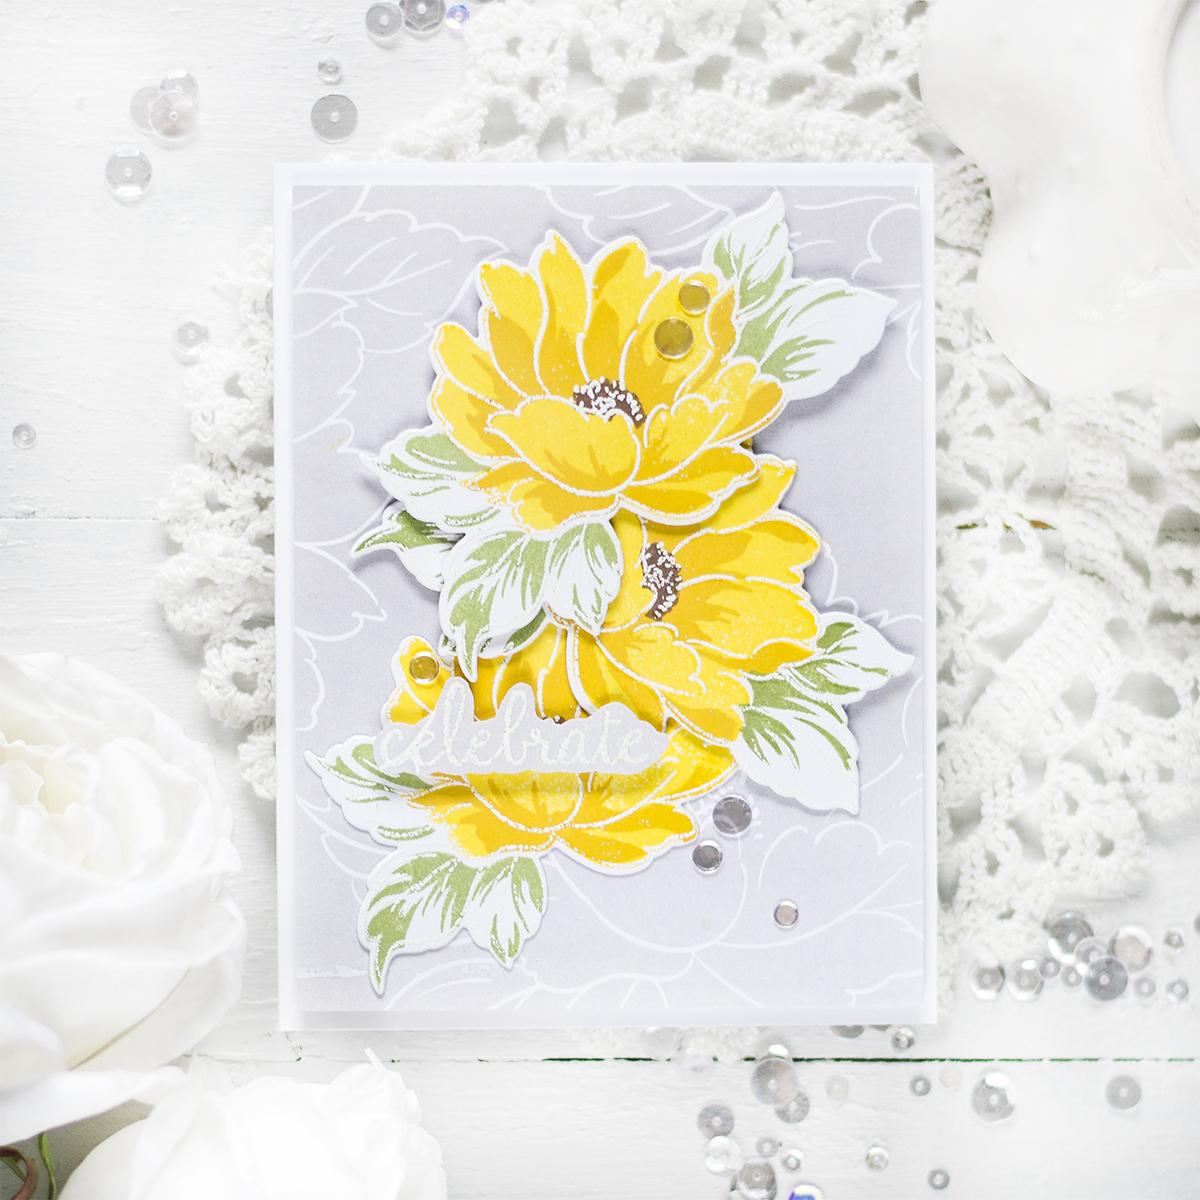 Elegant Floral Card. Card by Svitlana Shayevich